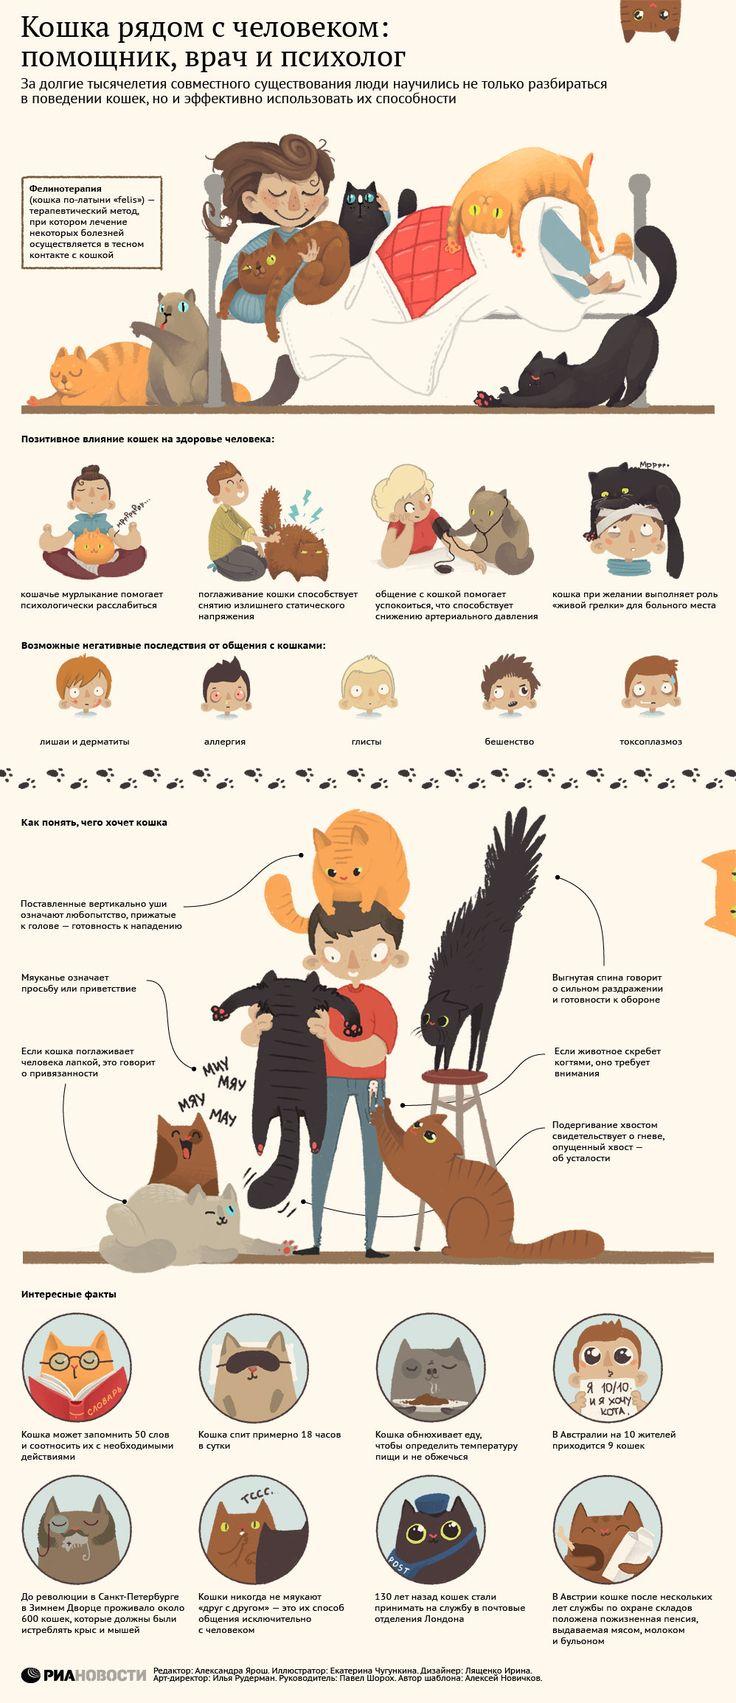 Кошка рядом с человеком: помощник, врач и психолог